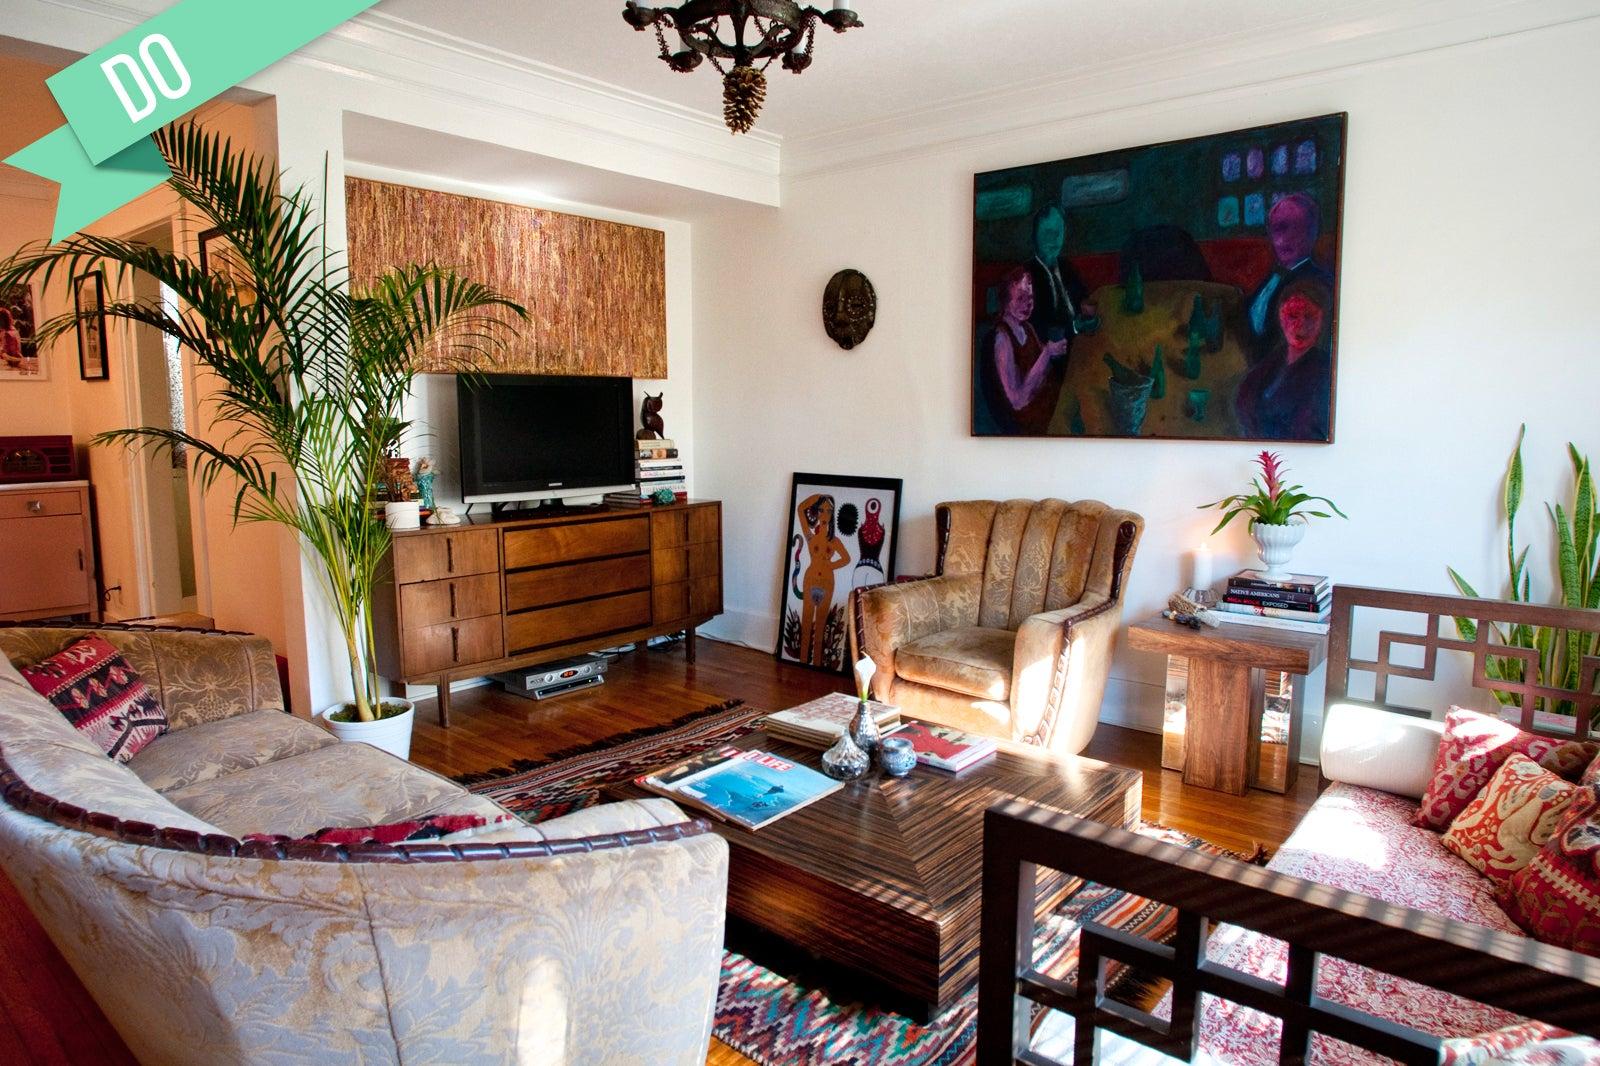 Feng shui decor tips feng shui interior design